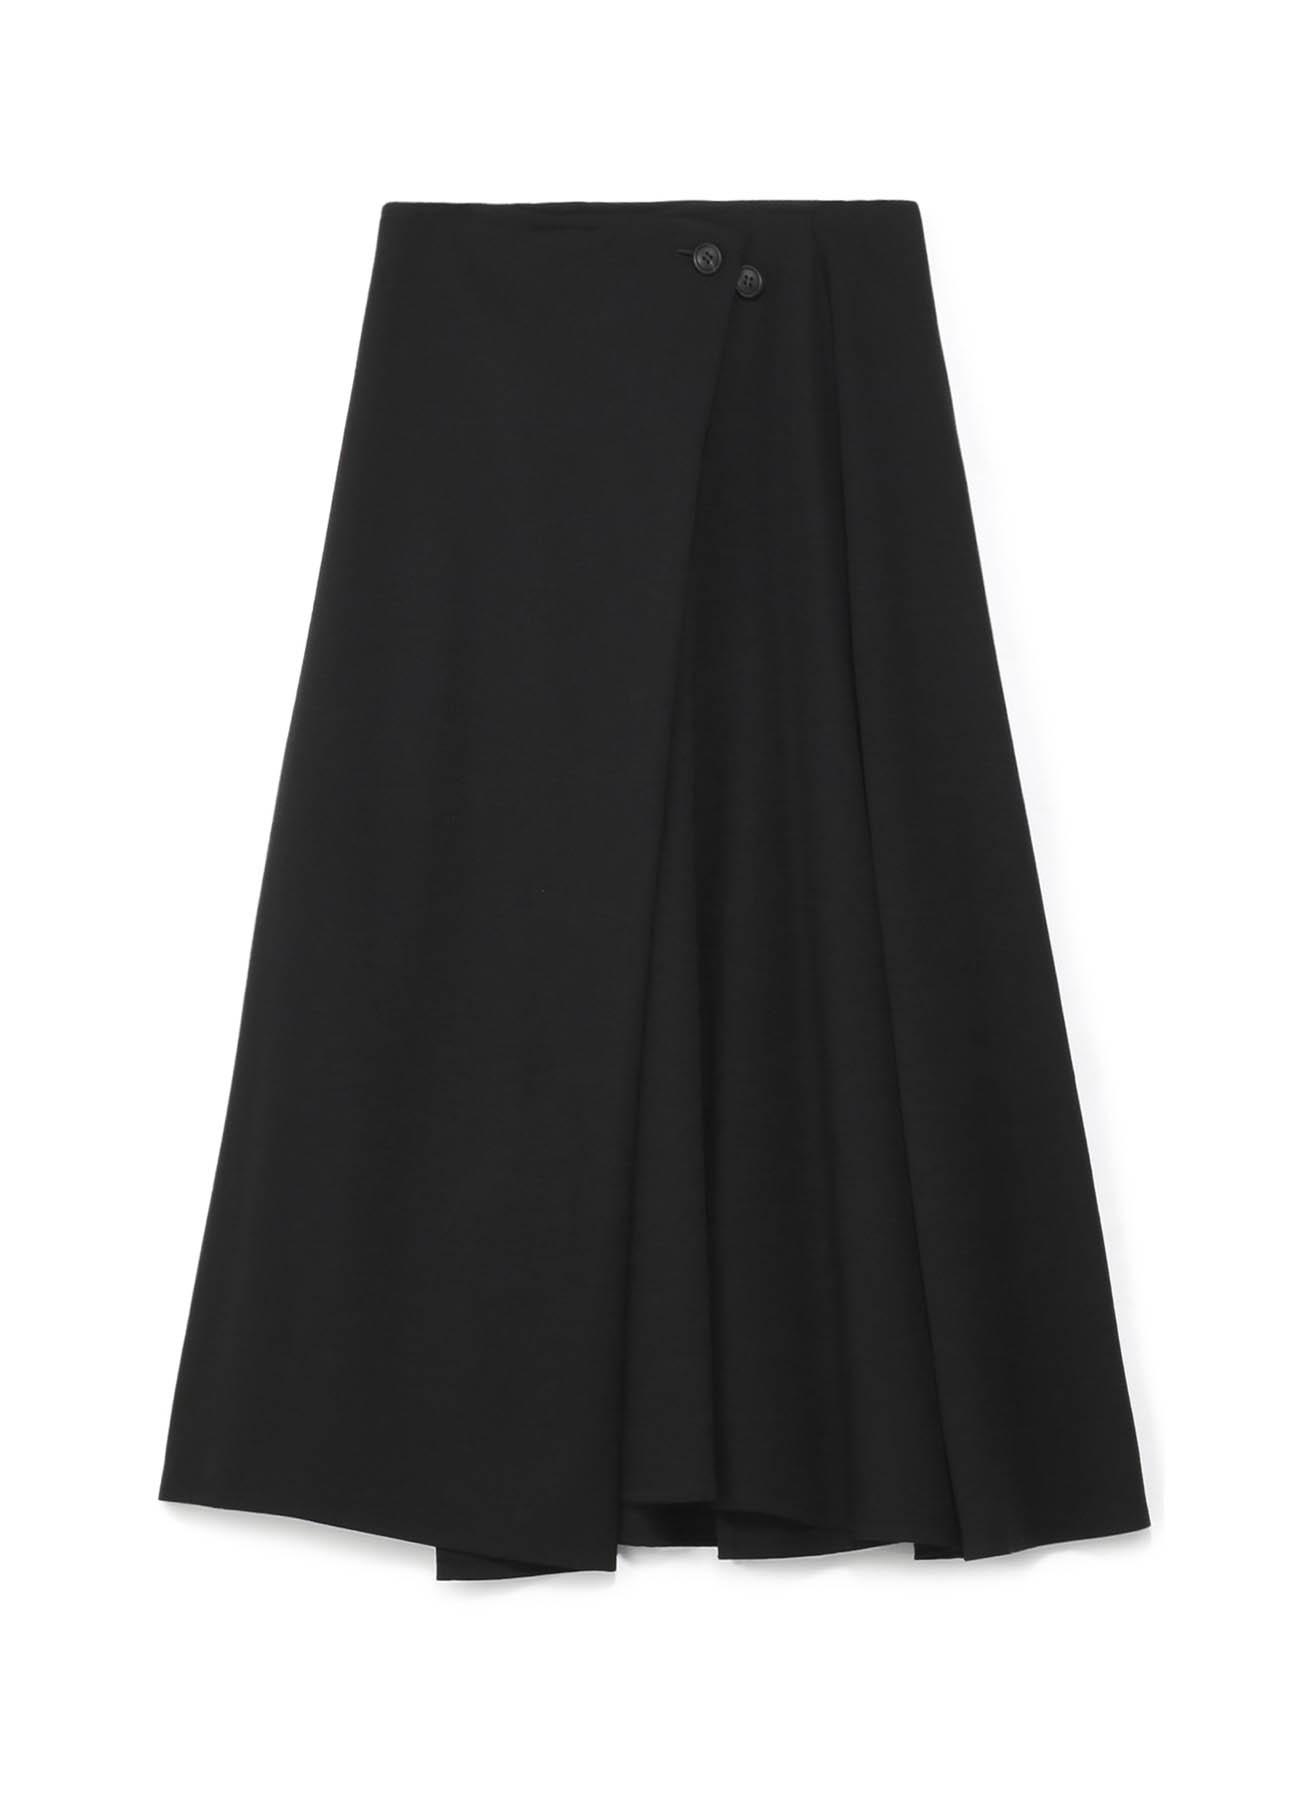 シワギャバ釦ロングスカート